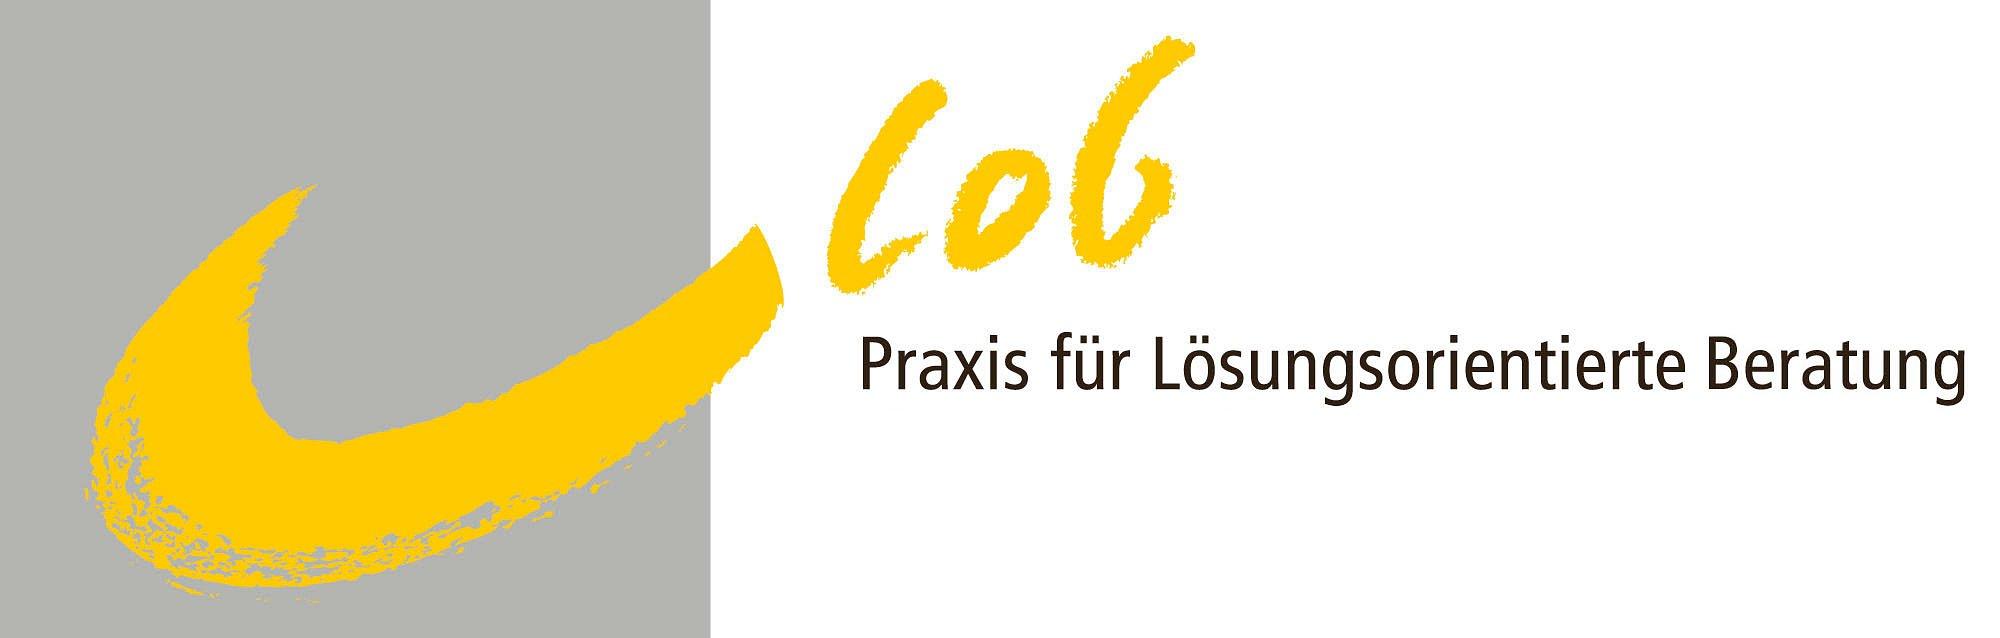 Praxis für Lösungsorientierte Beratung, LoB